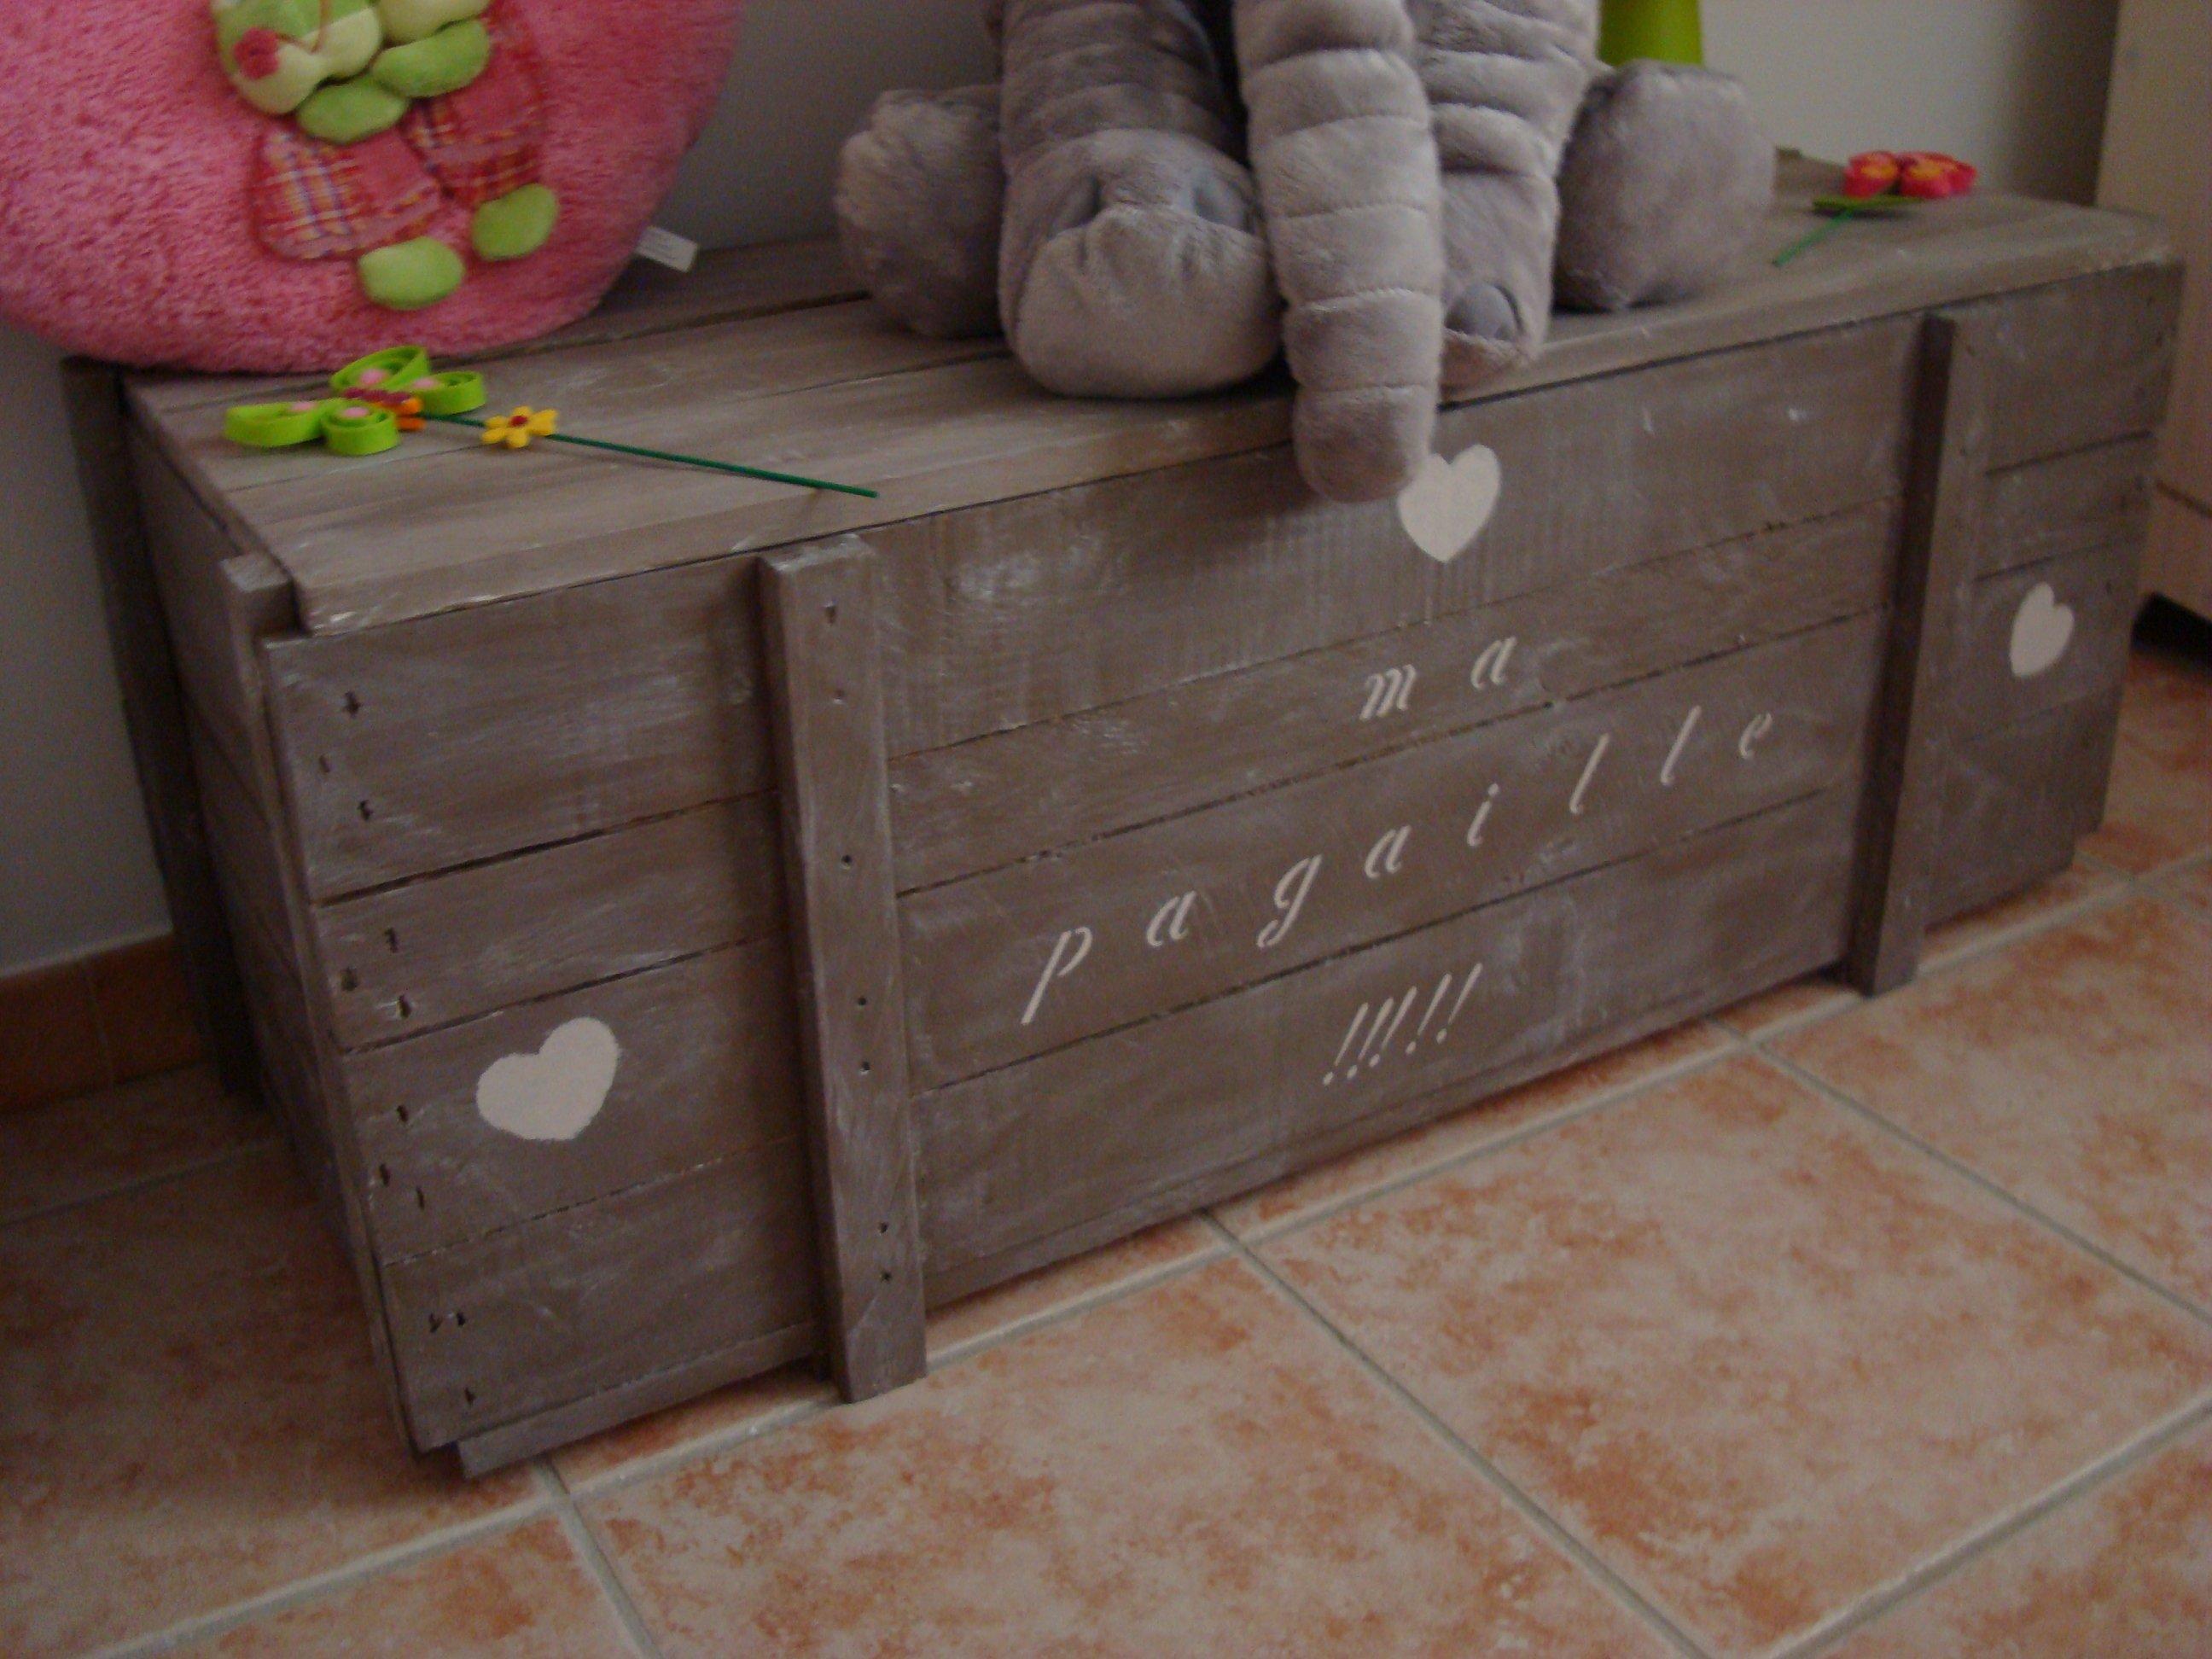 C cicr atif decoration enfants - Coffre a jouet fille ...